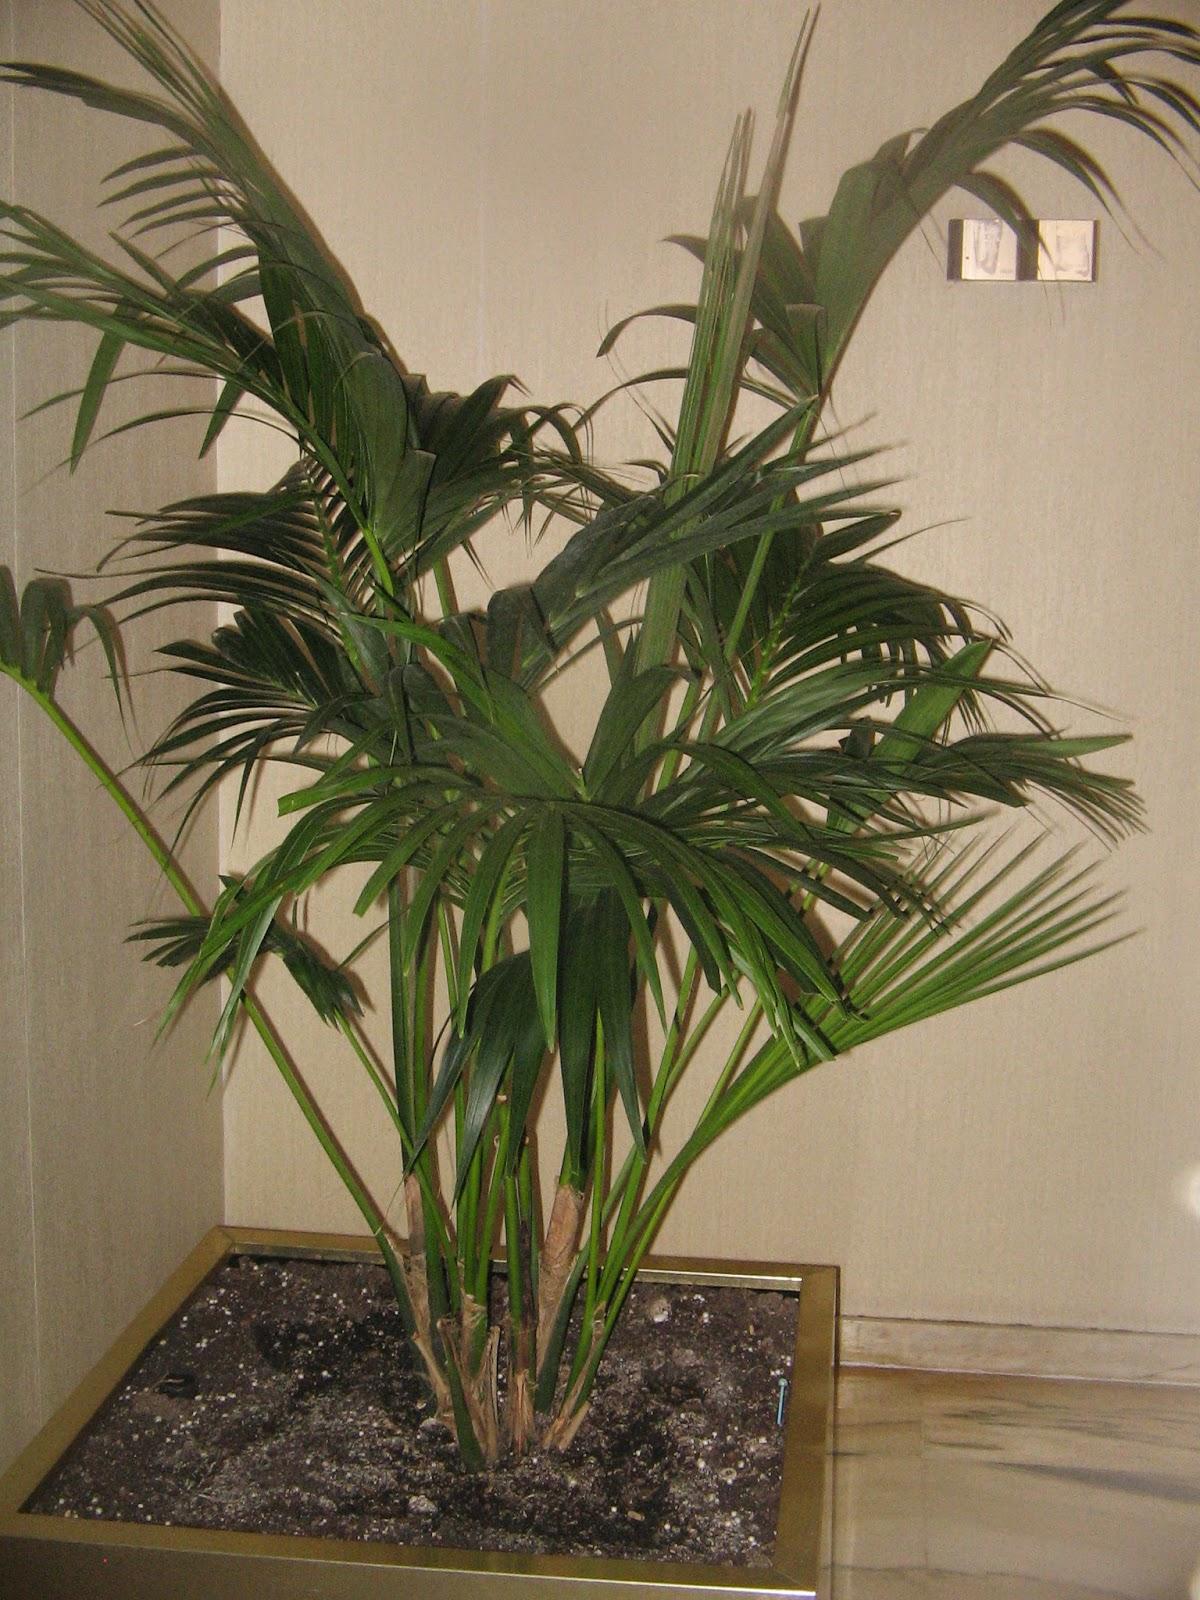 Plantas de interior con poca luz - Plantas de interior que no necesitan luz ...